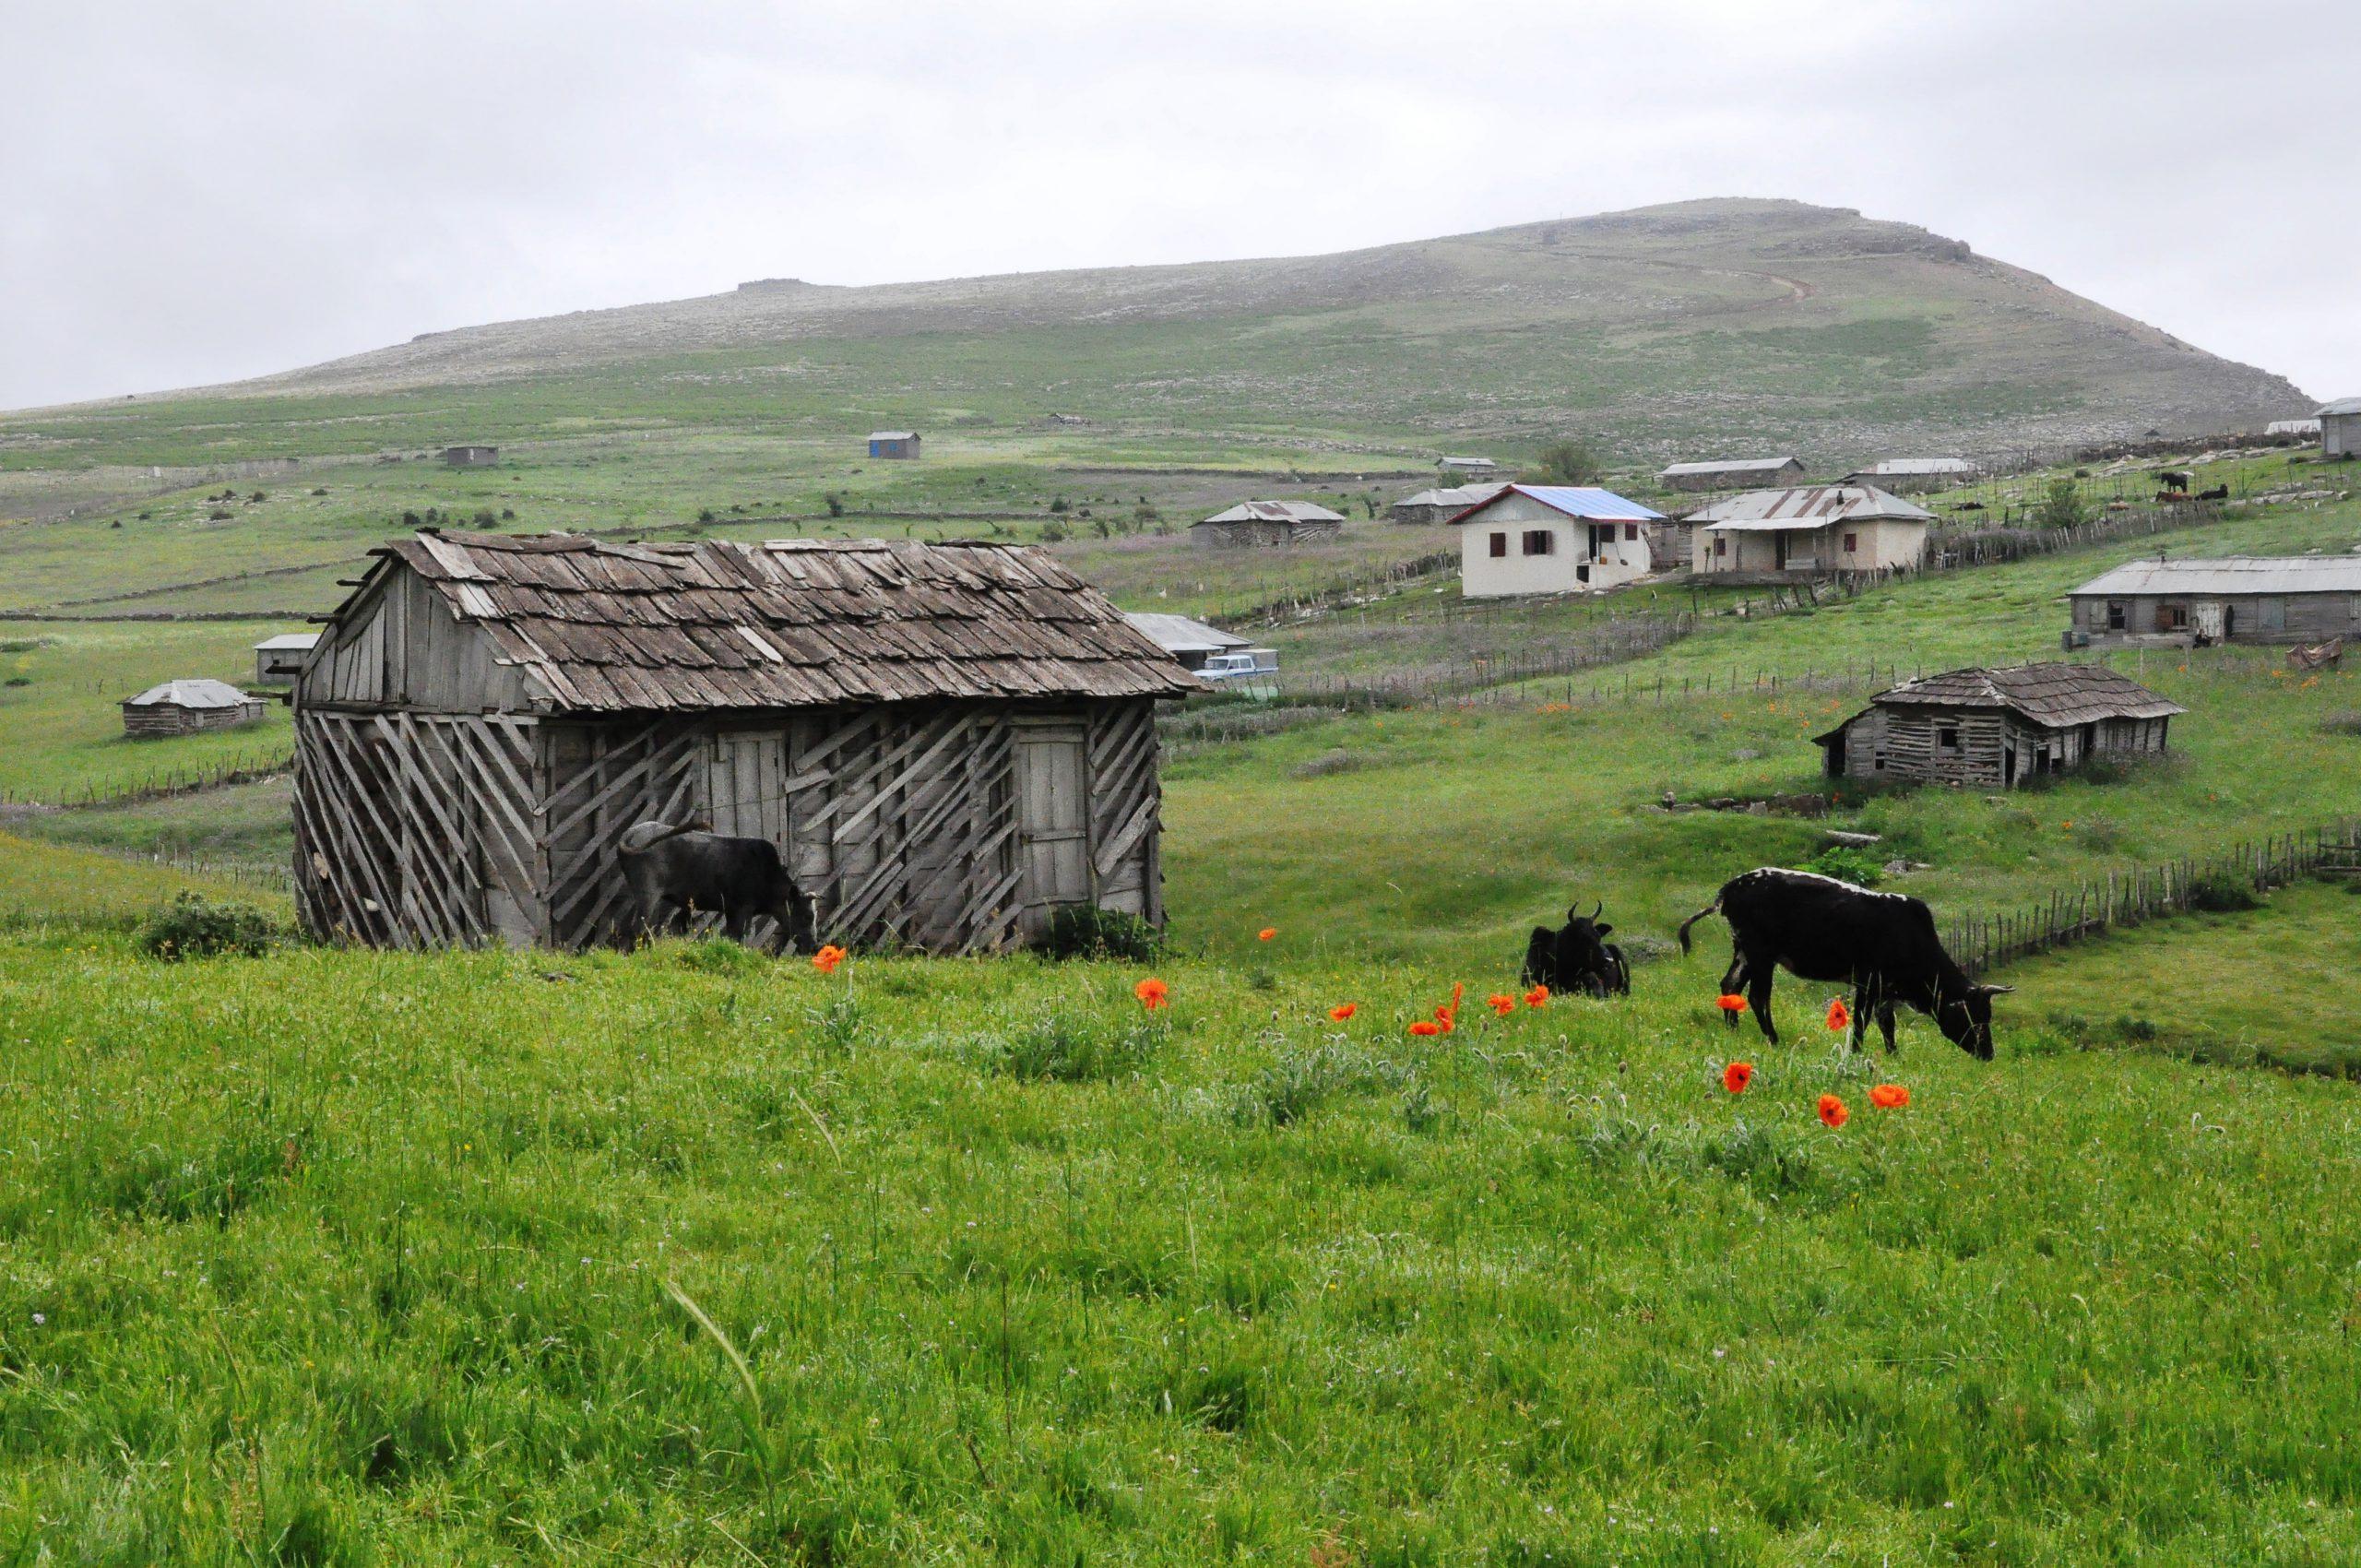 أماكن السياحية في محافظة جيلان-سوباتان